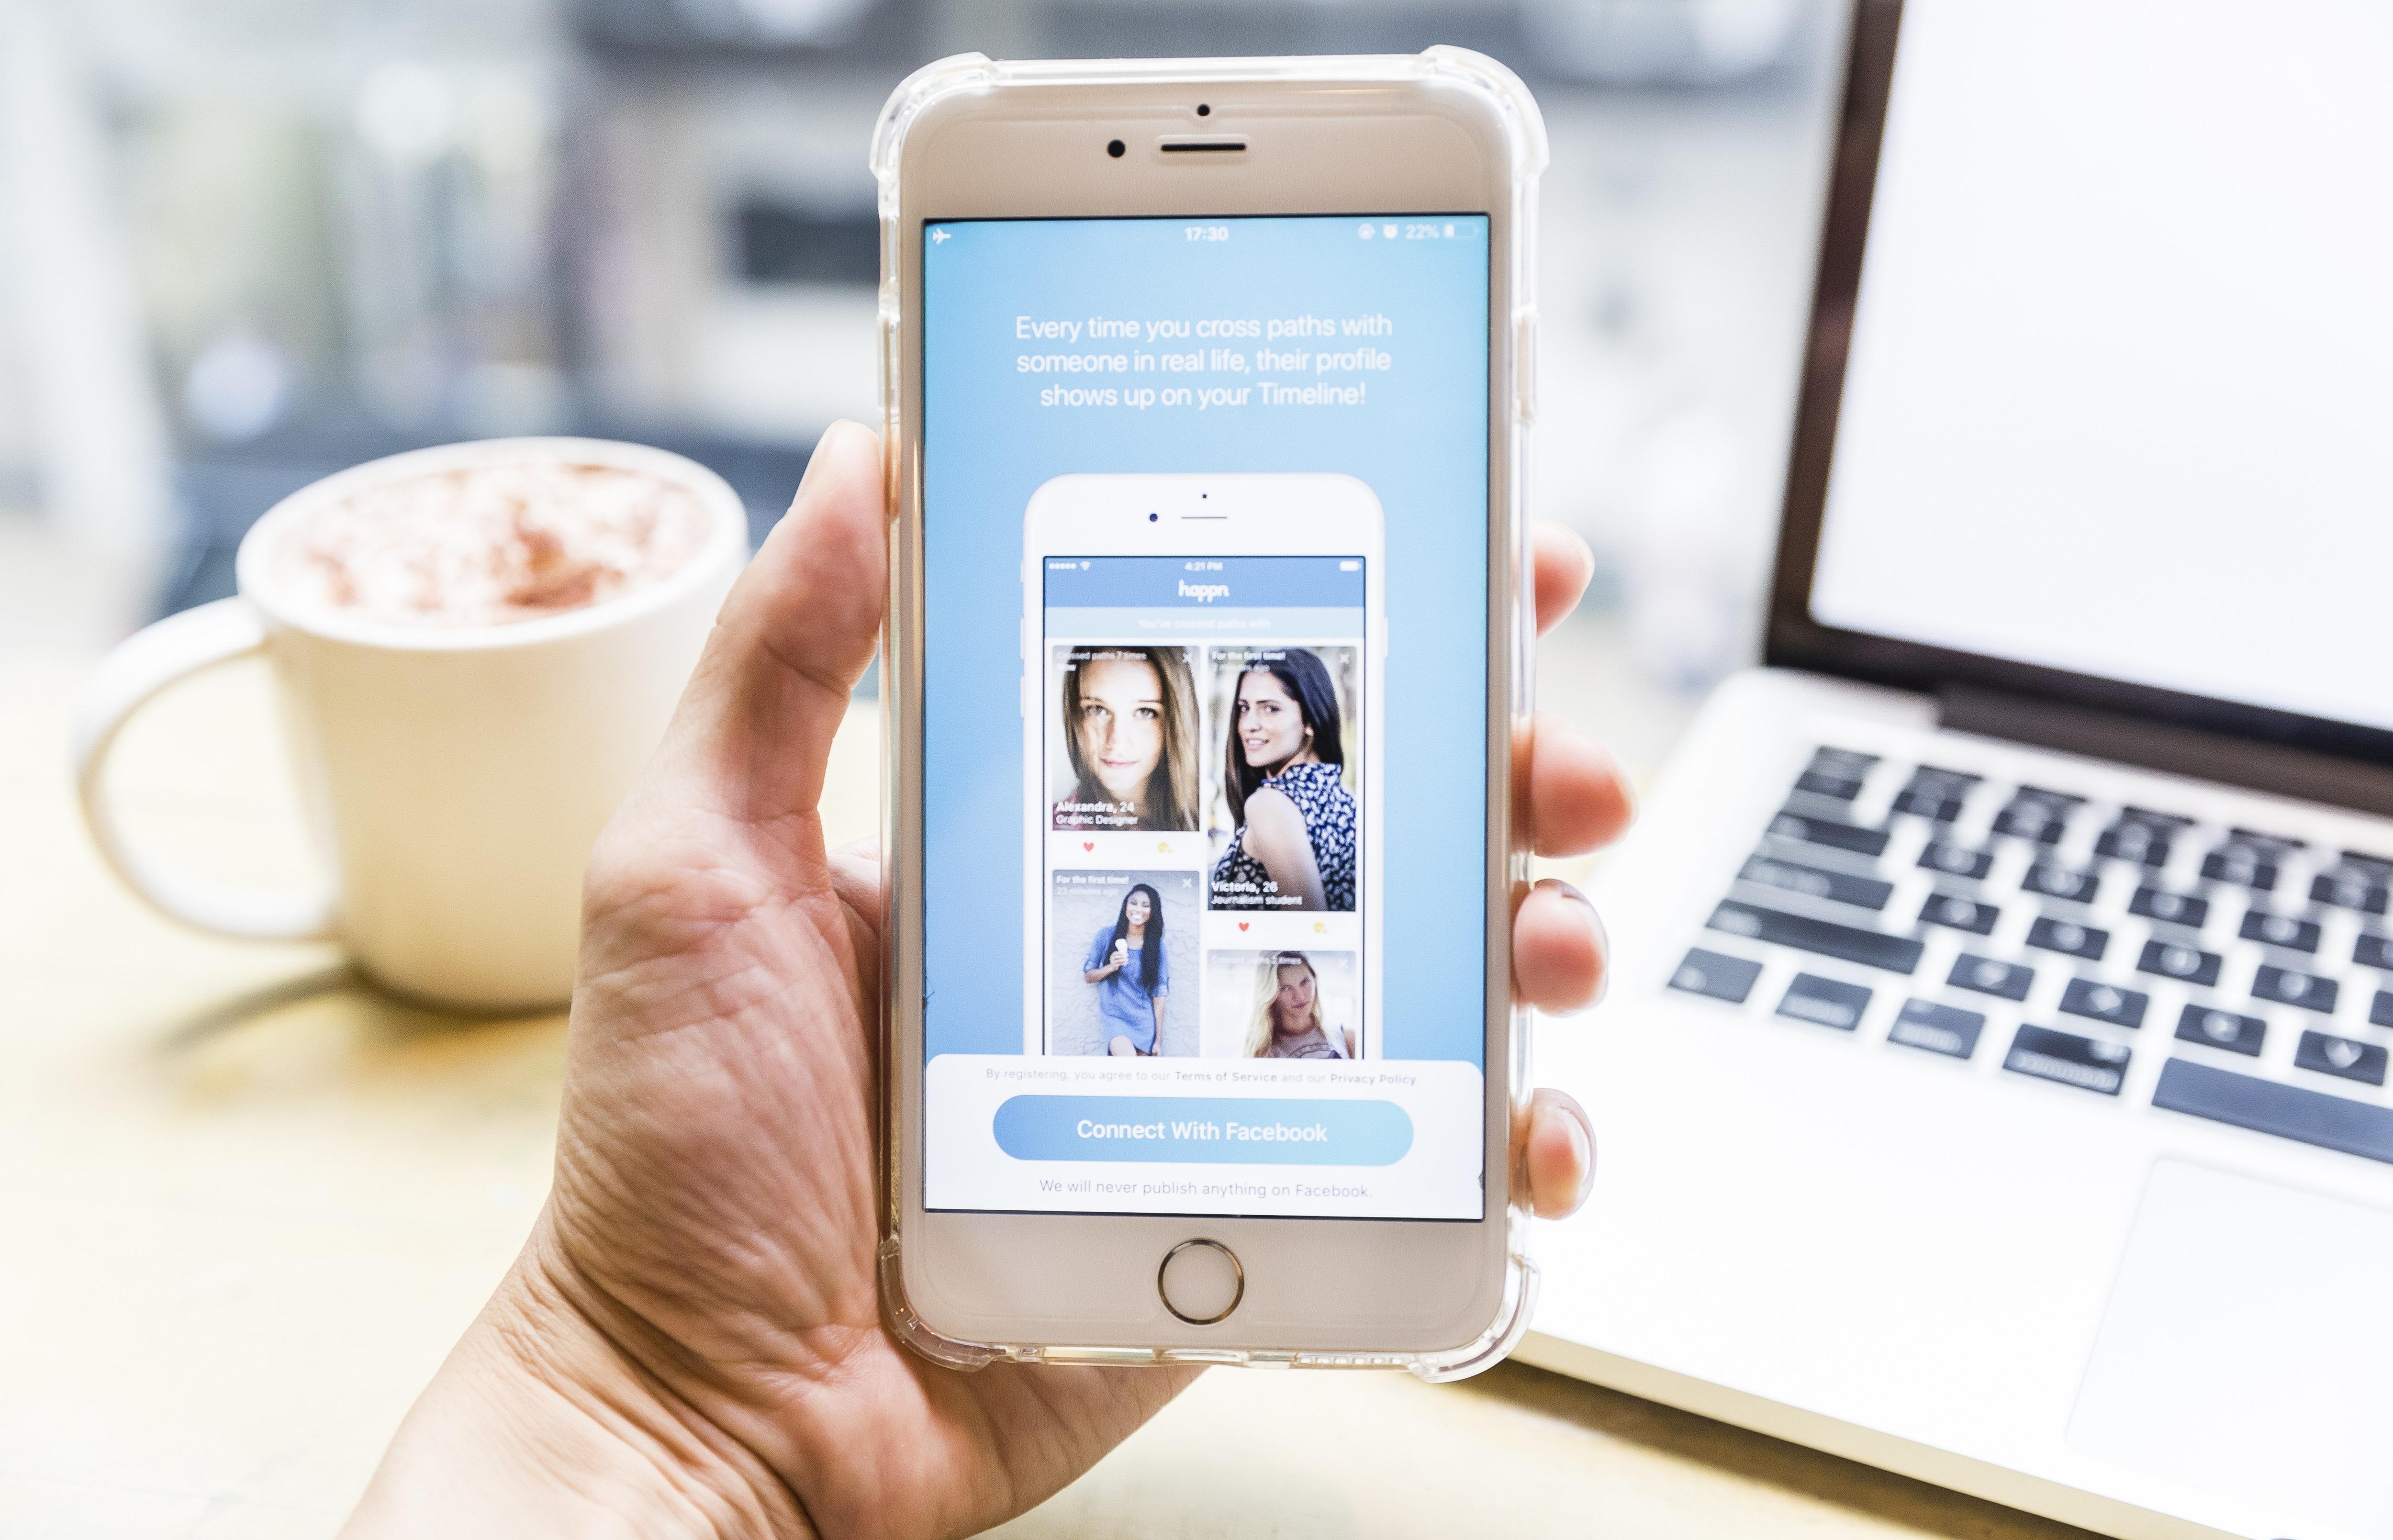 Les applis de dating ont du succès au Maroc, dixit le cofondateur de Dailymotion et CEO de Happn